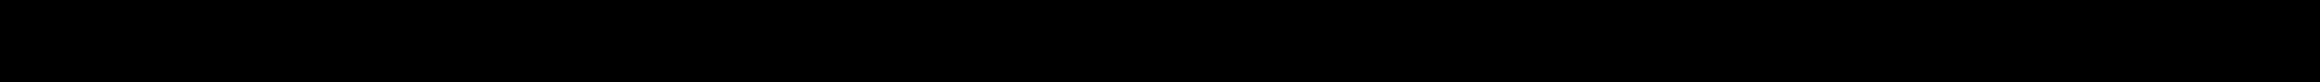 STARK 2033200031, 2033200131, 2033200156, 2033200631, 2033261000 Stoßdämpfer